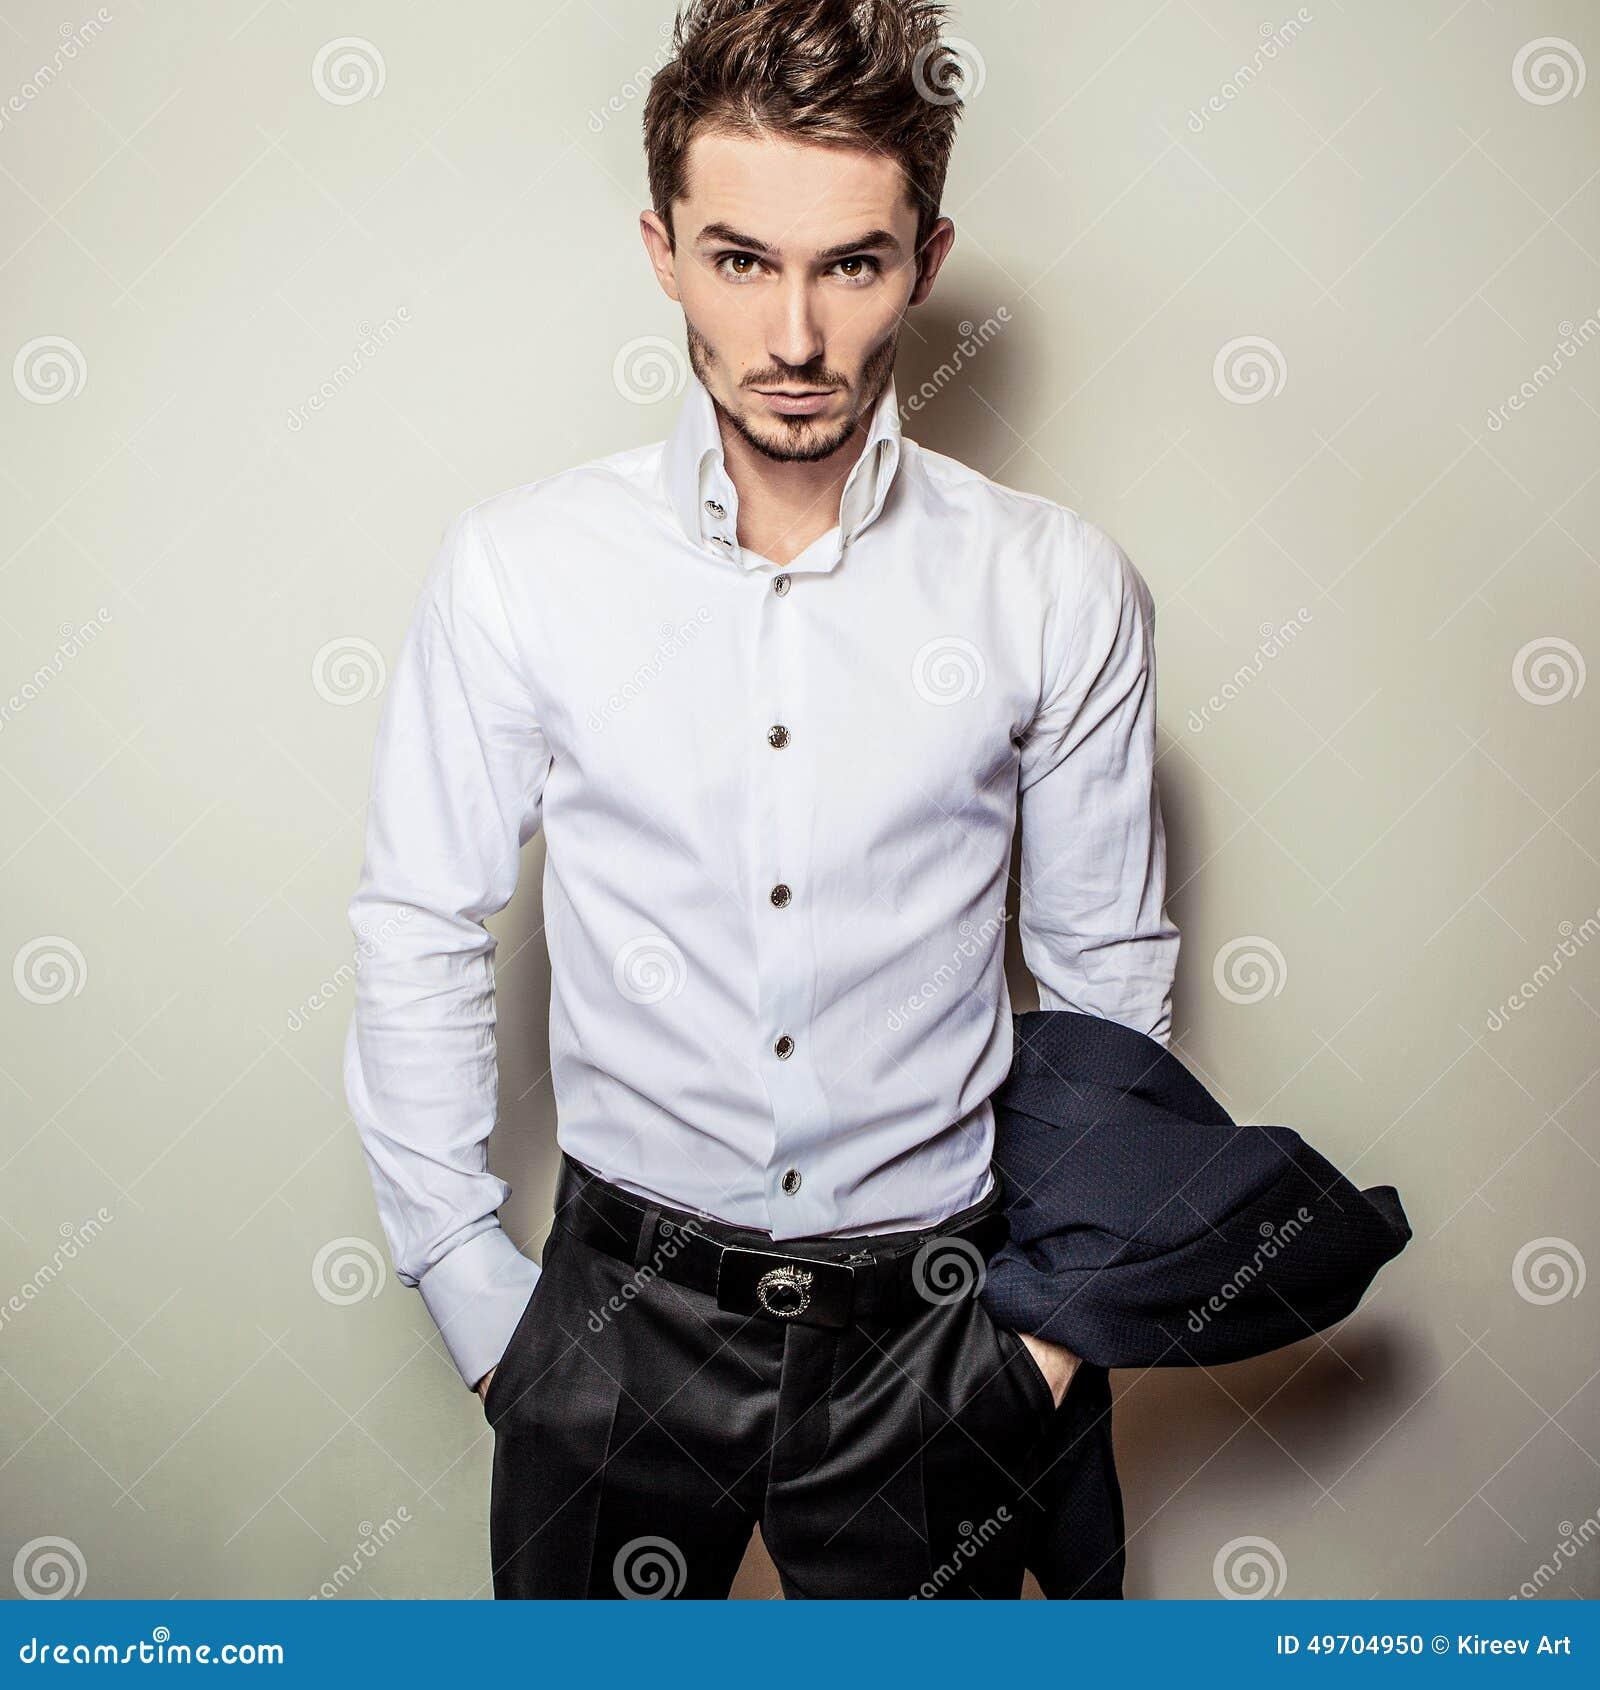 be91ed43764f Hombre Hermoso Joven Elegante En La Camisa Blanca Retrato De La Moda ...